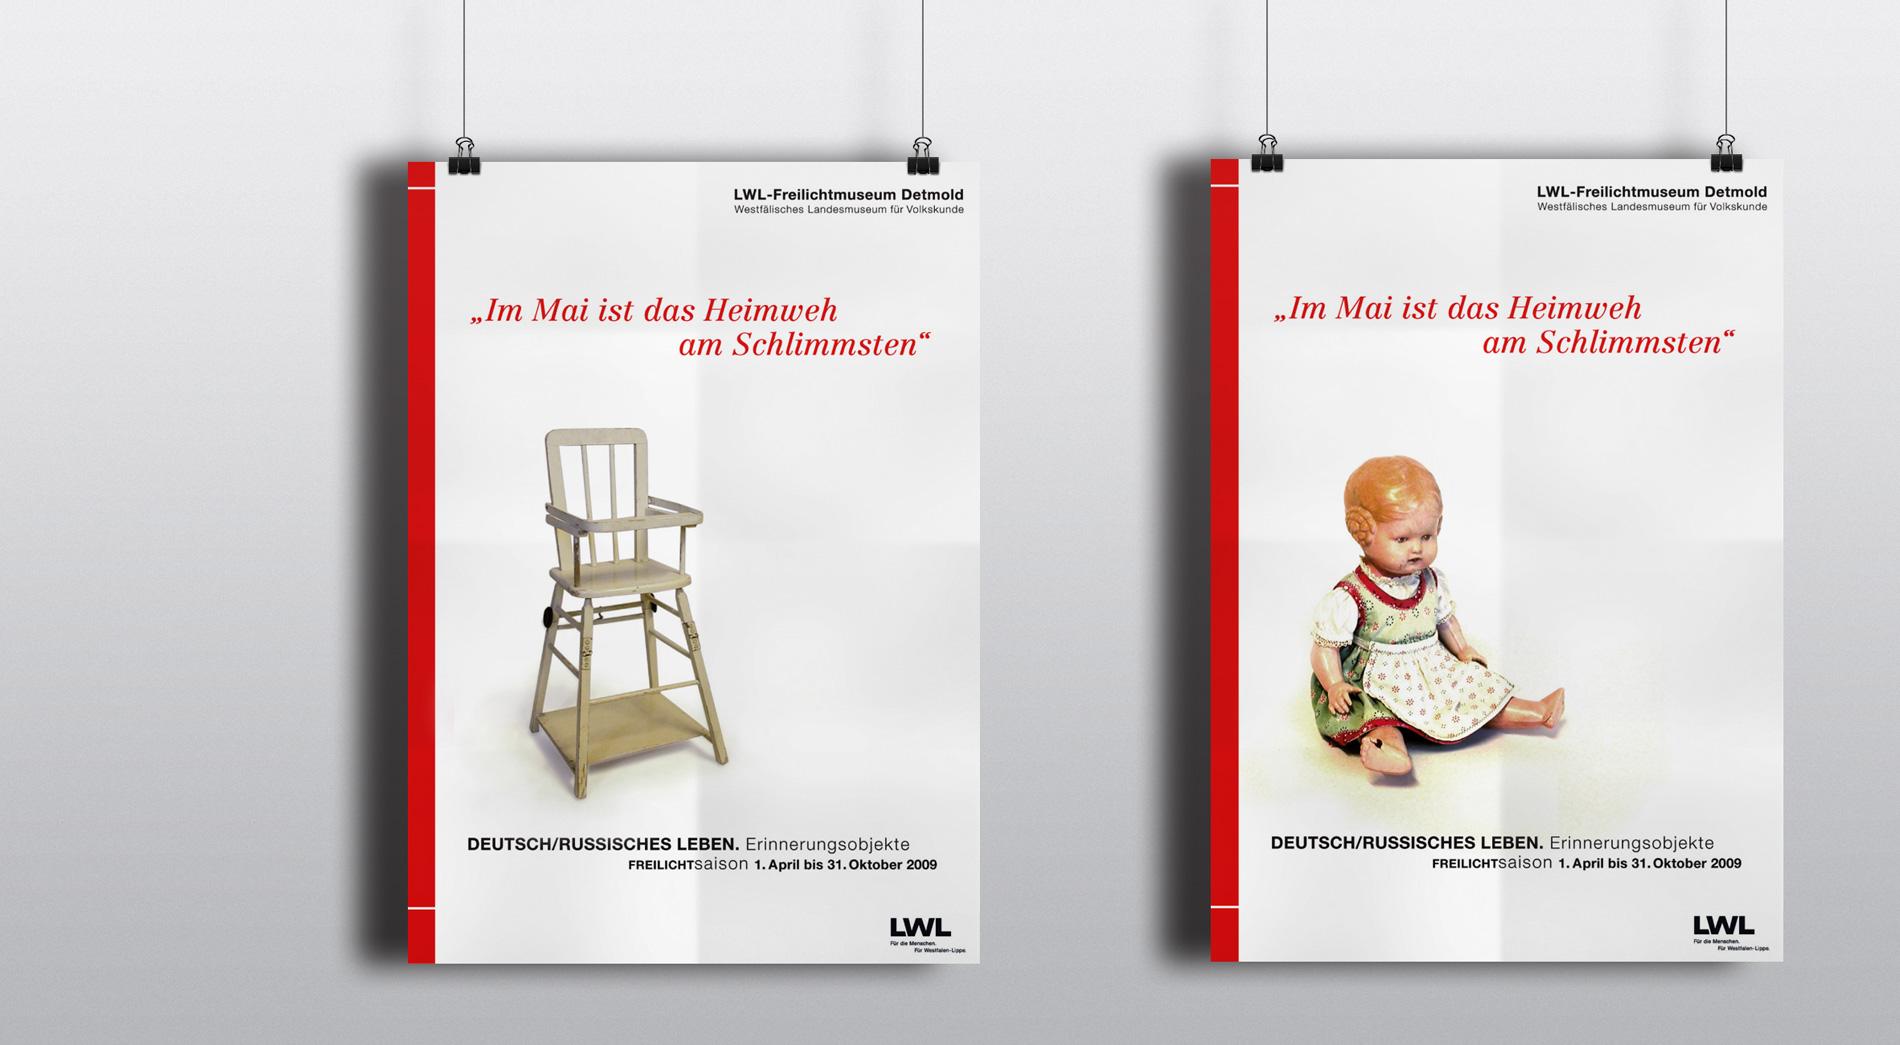 Plakate. Wettbewerb AusstellungDeutsch/russisches Leben. Erinnerungsobjekte